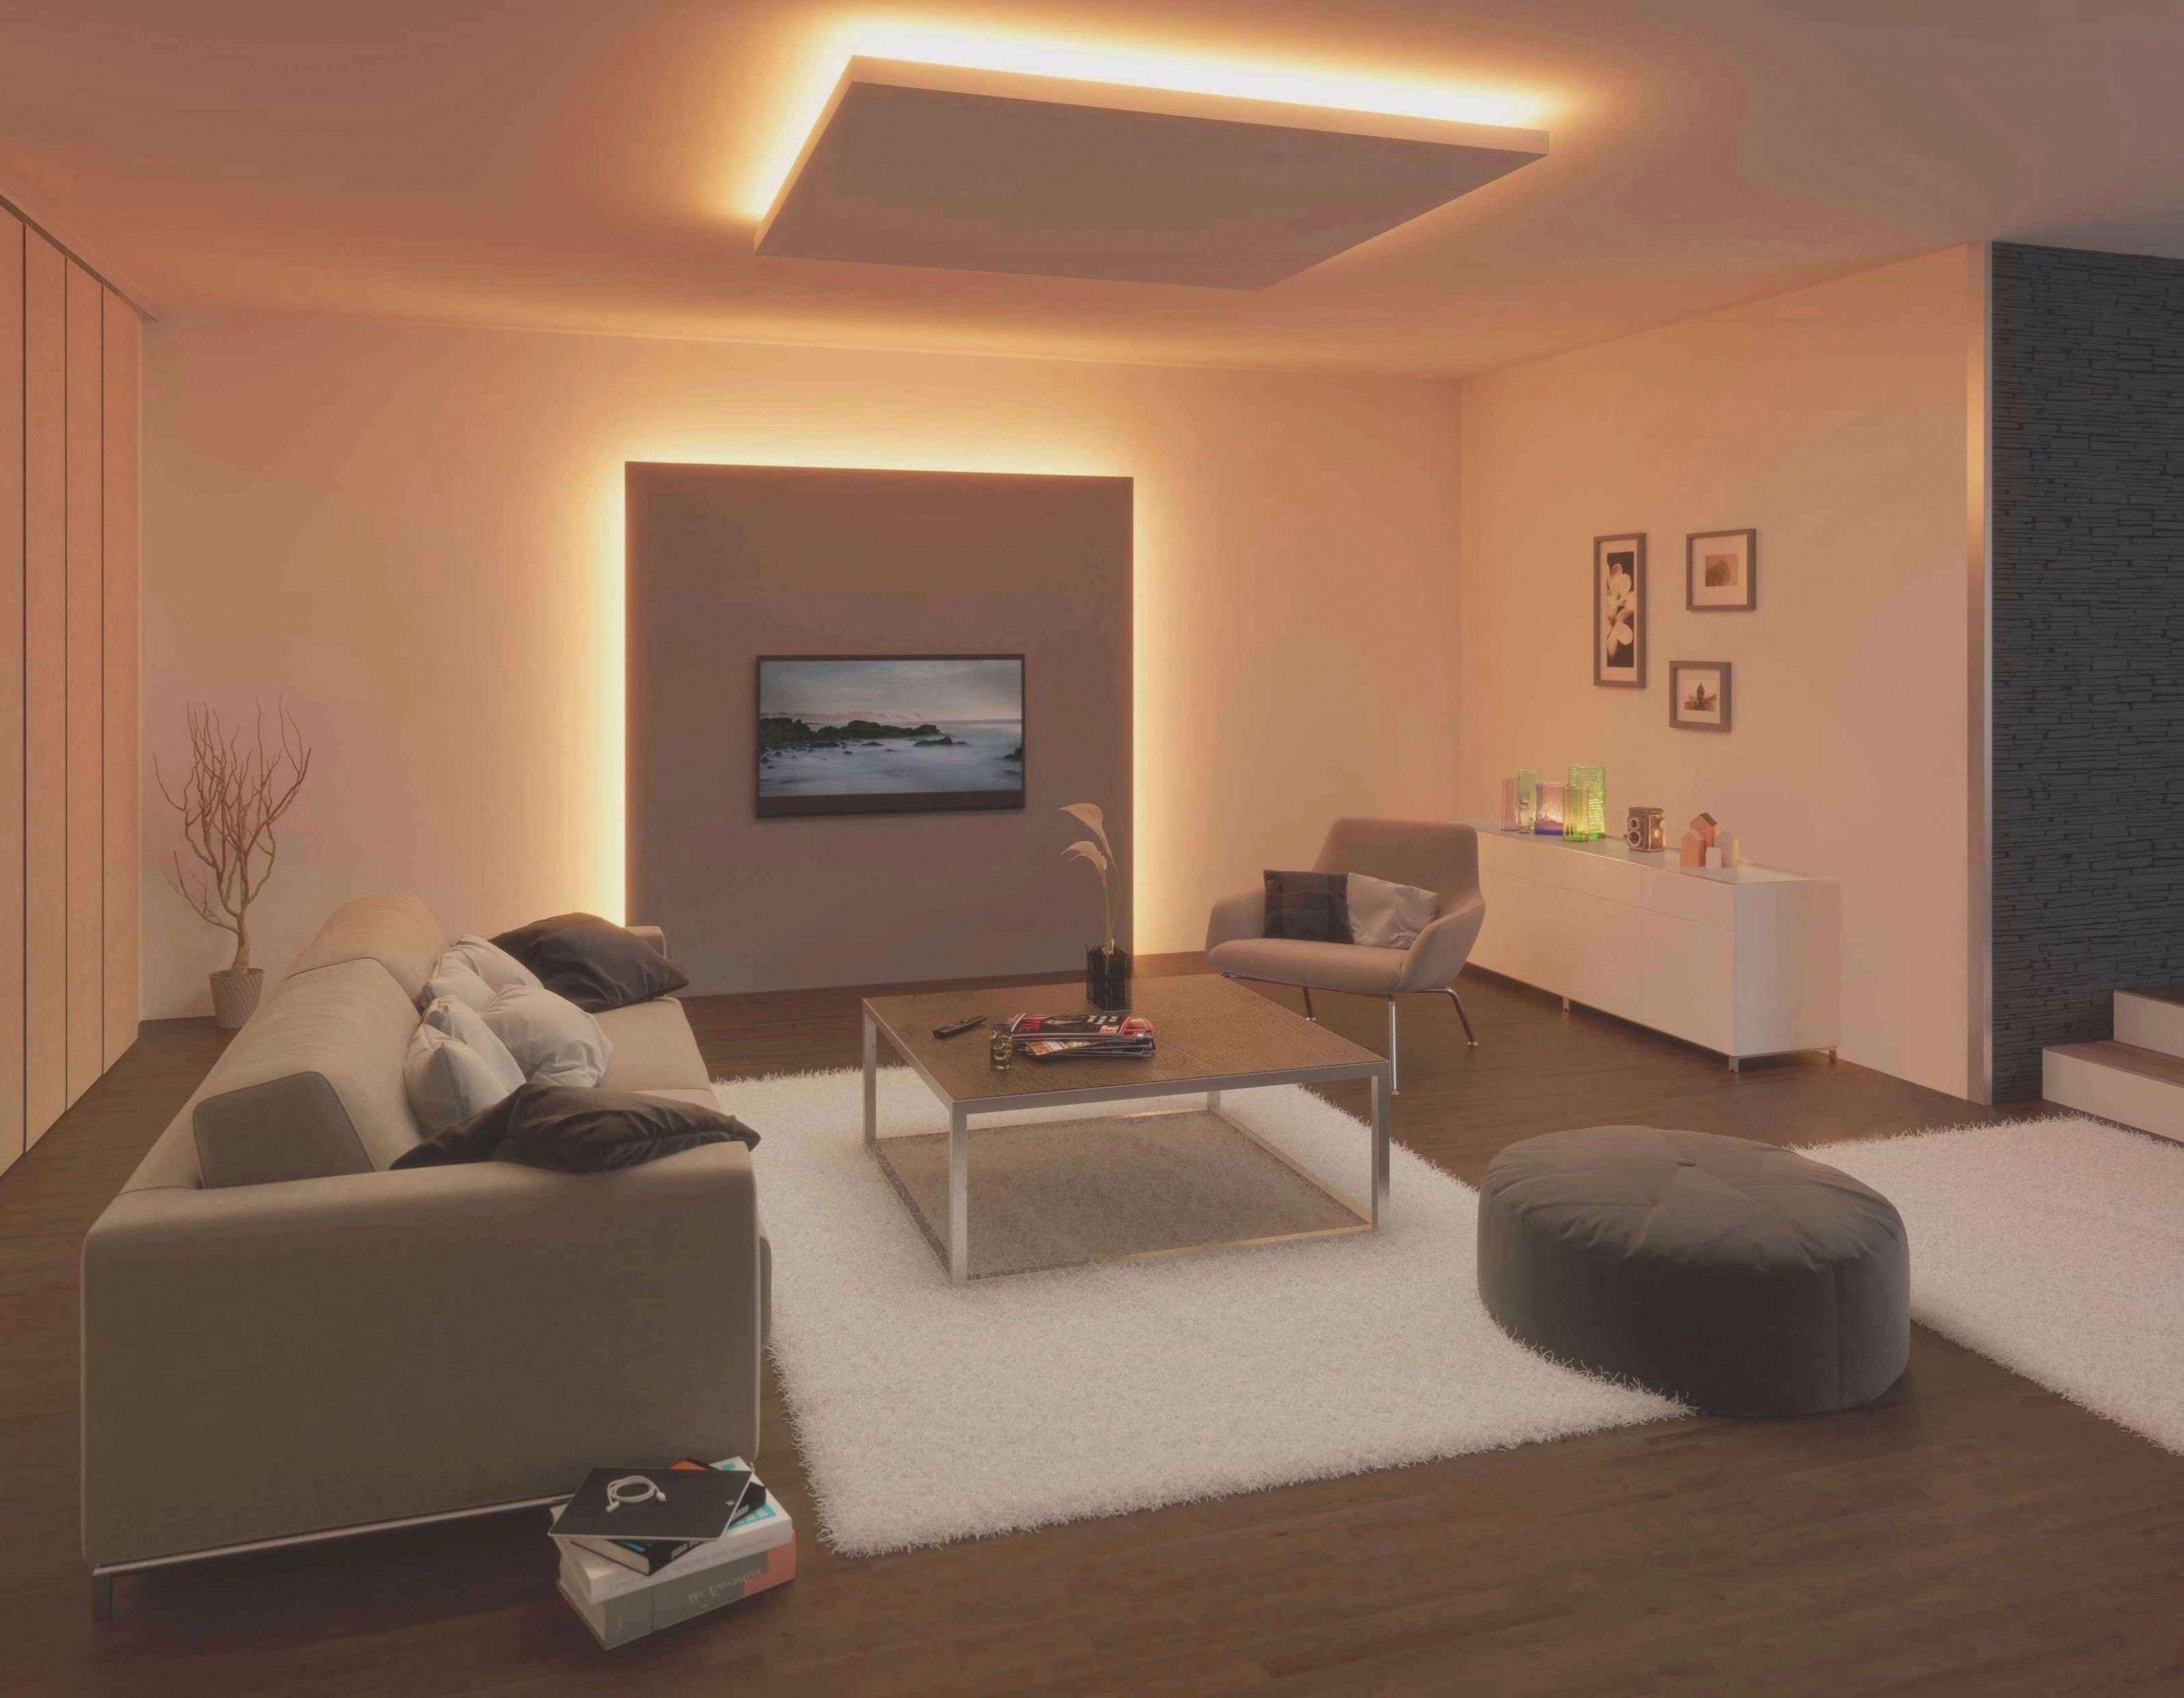 Wohnzimmer Lampen Design Wohnzimmer Lampen Design - Wohnzimmer